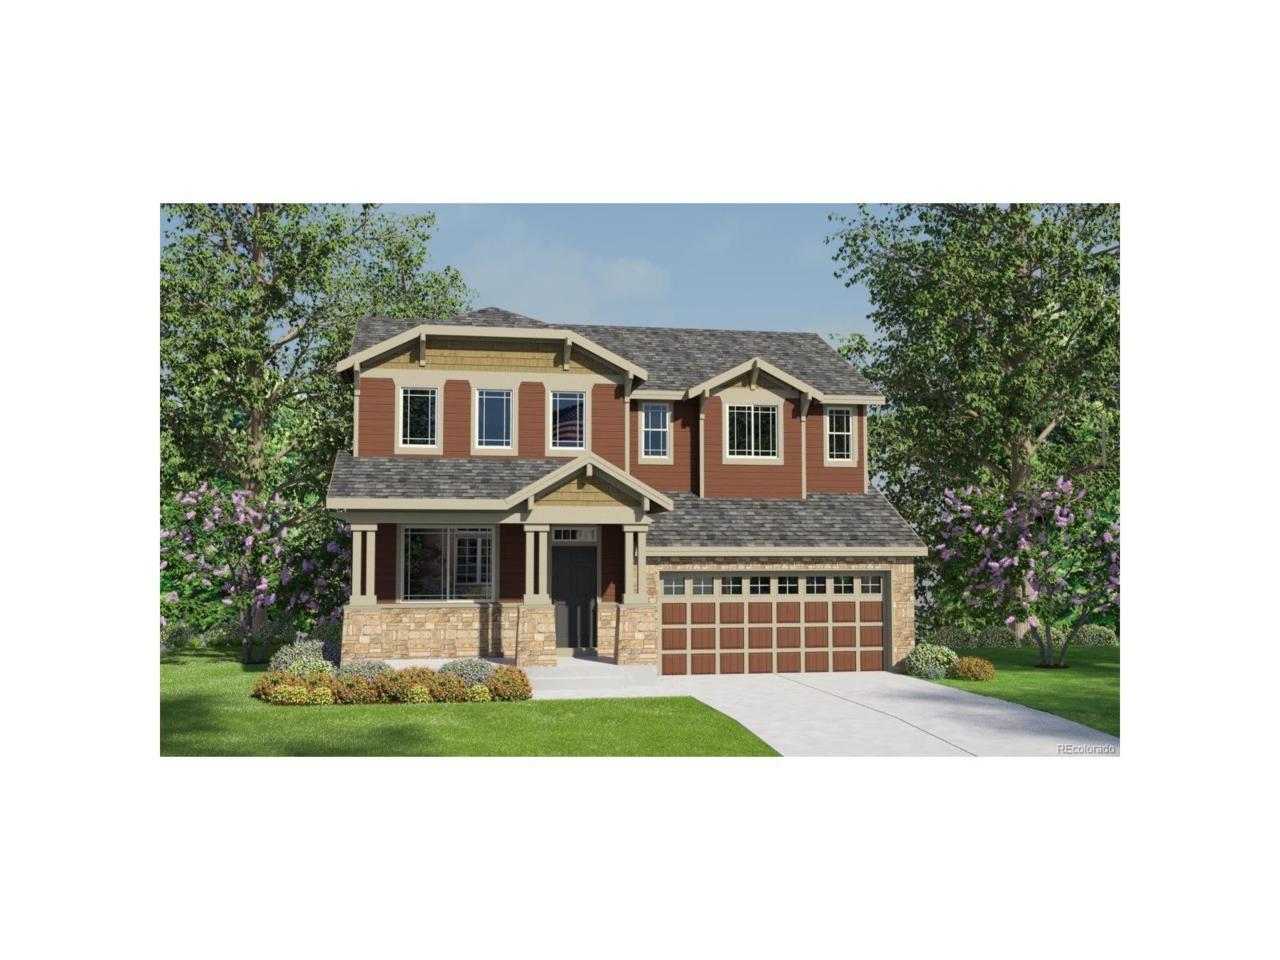 303 Tahoe Drive, Loveland, CO 80538 (MLS #4758104) :: 8z Real Estate